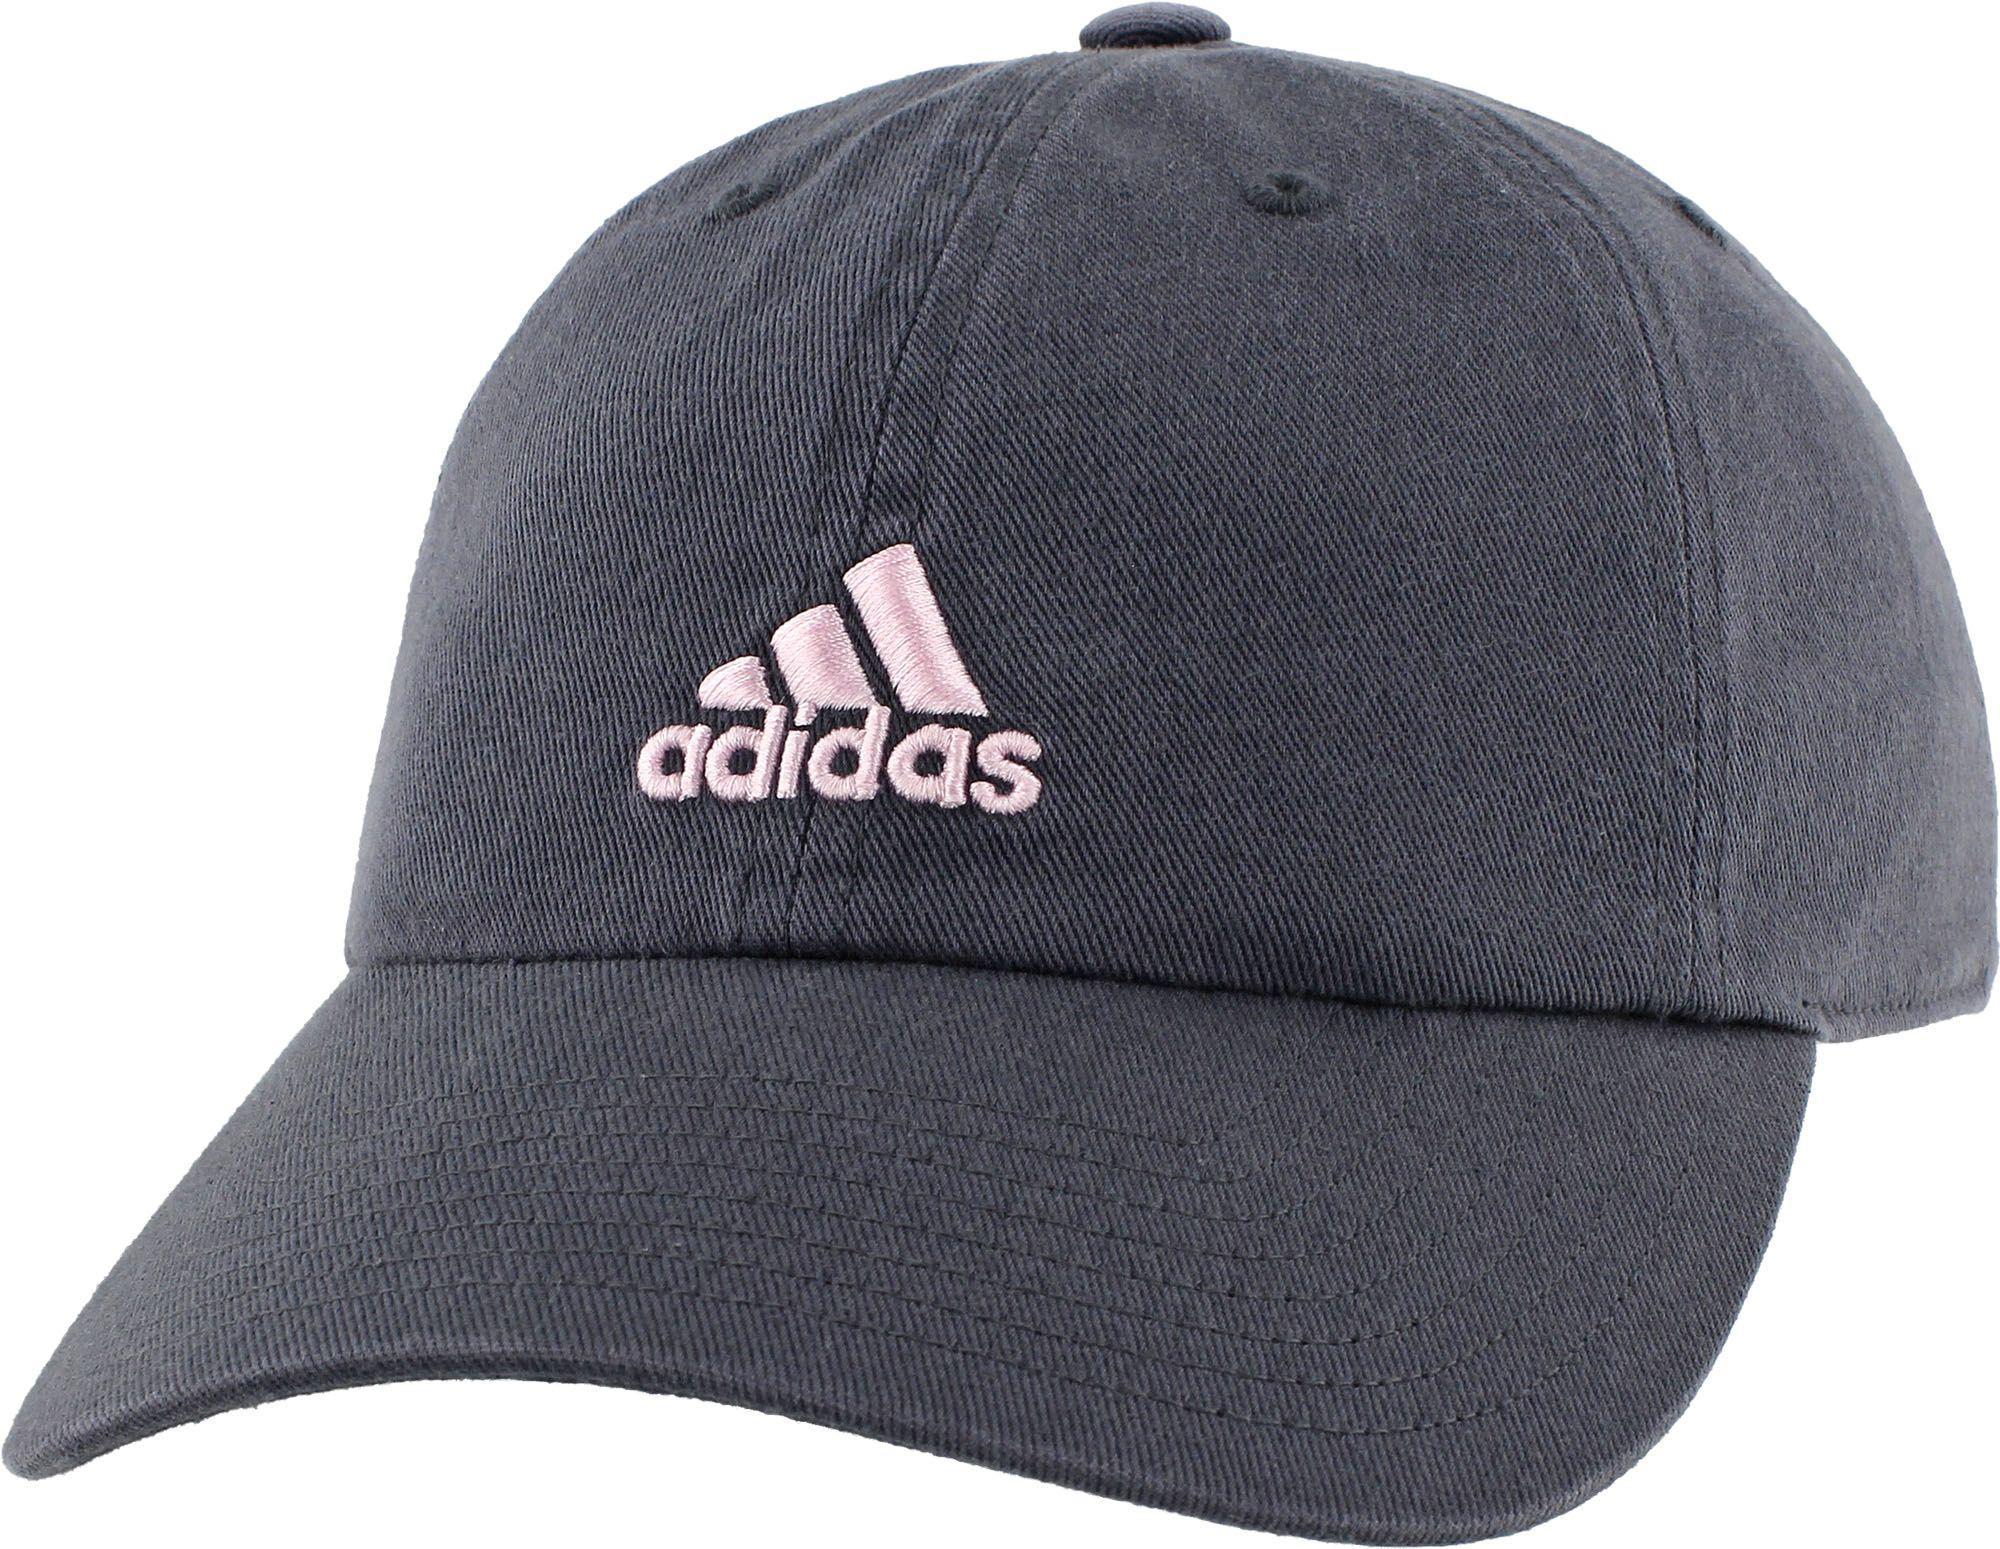 1a37b4ea086 adidas. Women s Saturday Hat